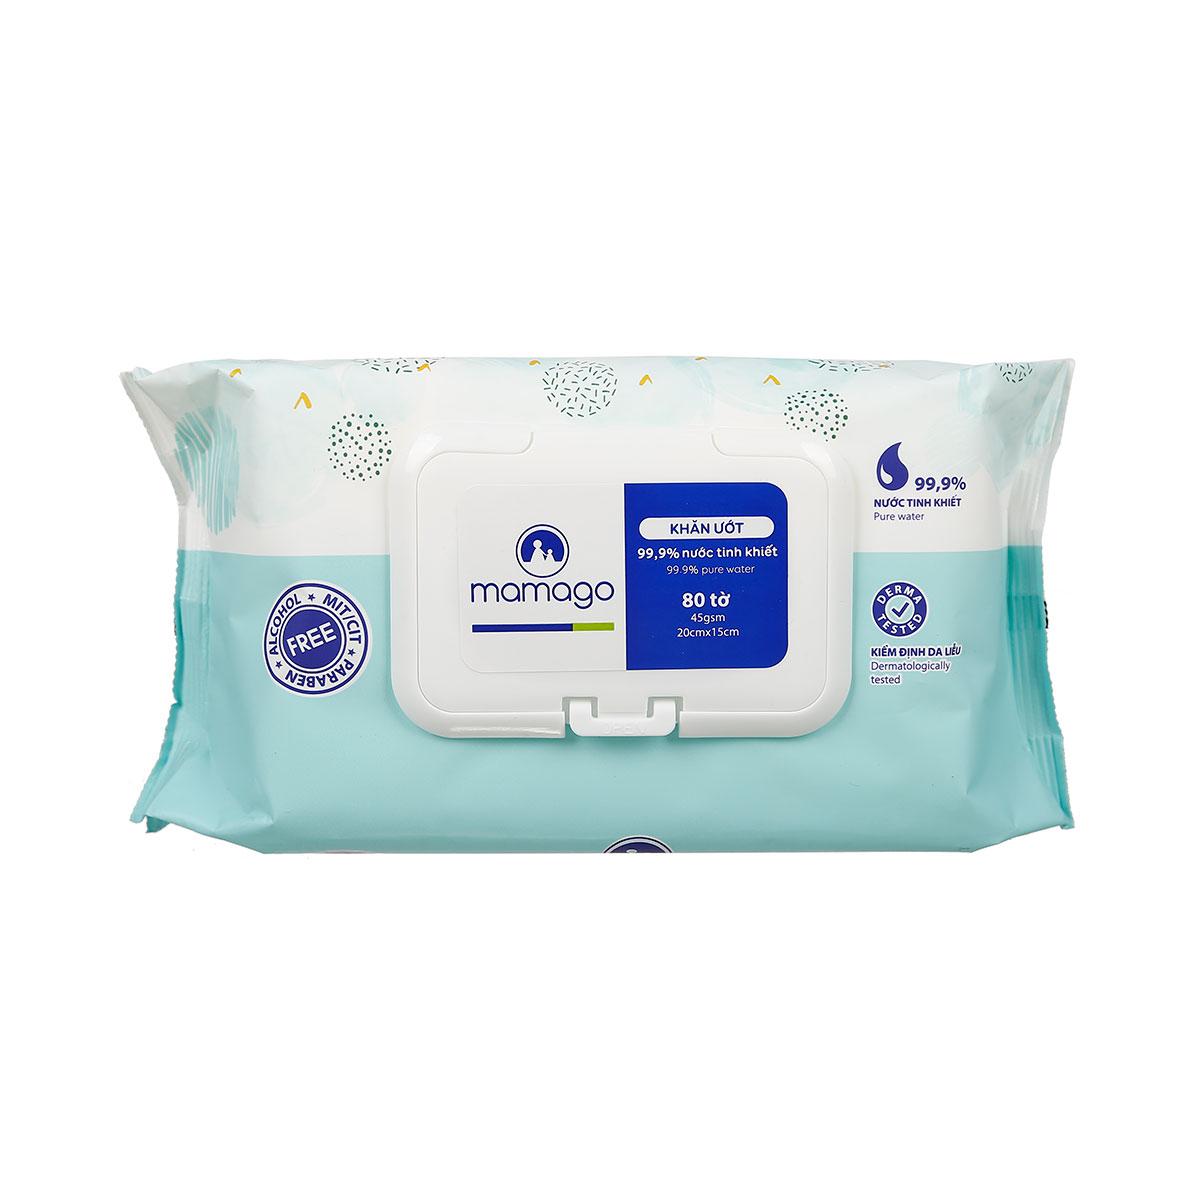 Khăn ướt tinh khiết Mamago 80pcs MMG đảm bảo tiêu chuẩn chất lượng